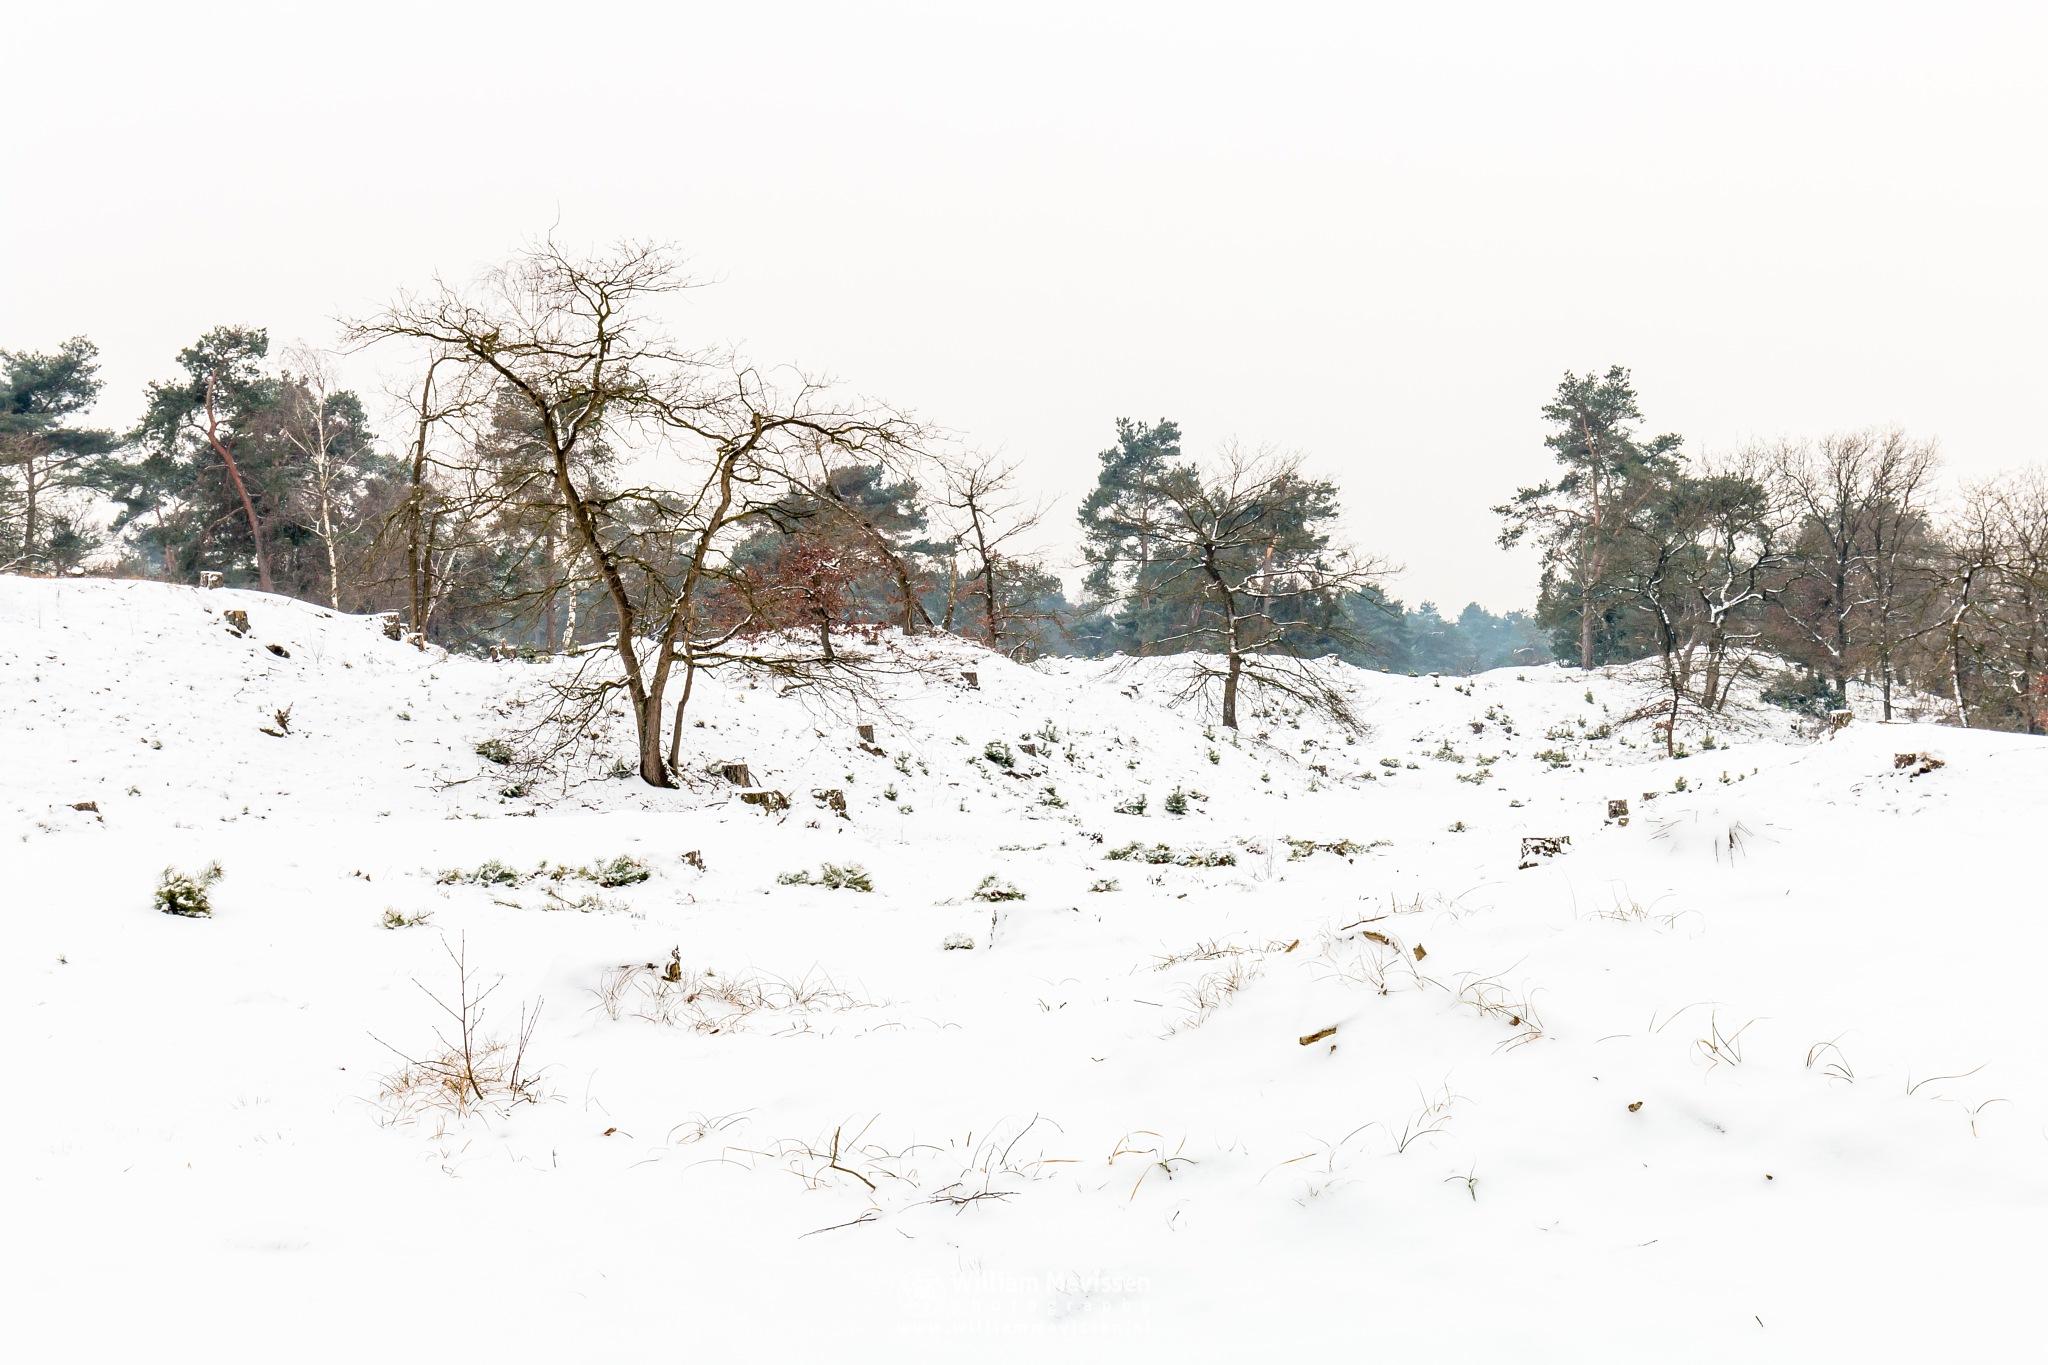 Dunes In White by William Mevissen